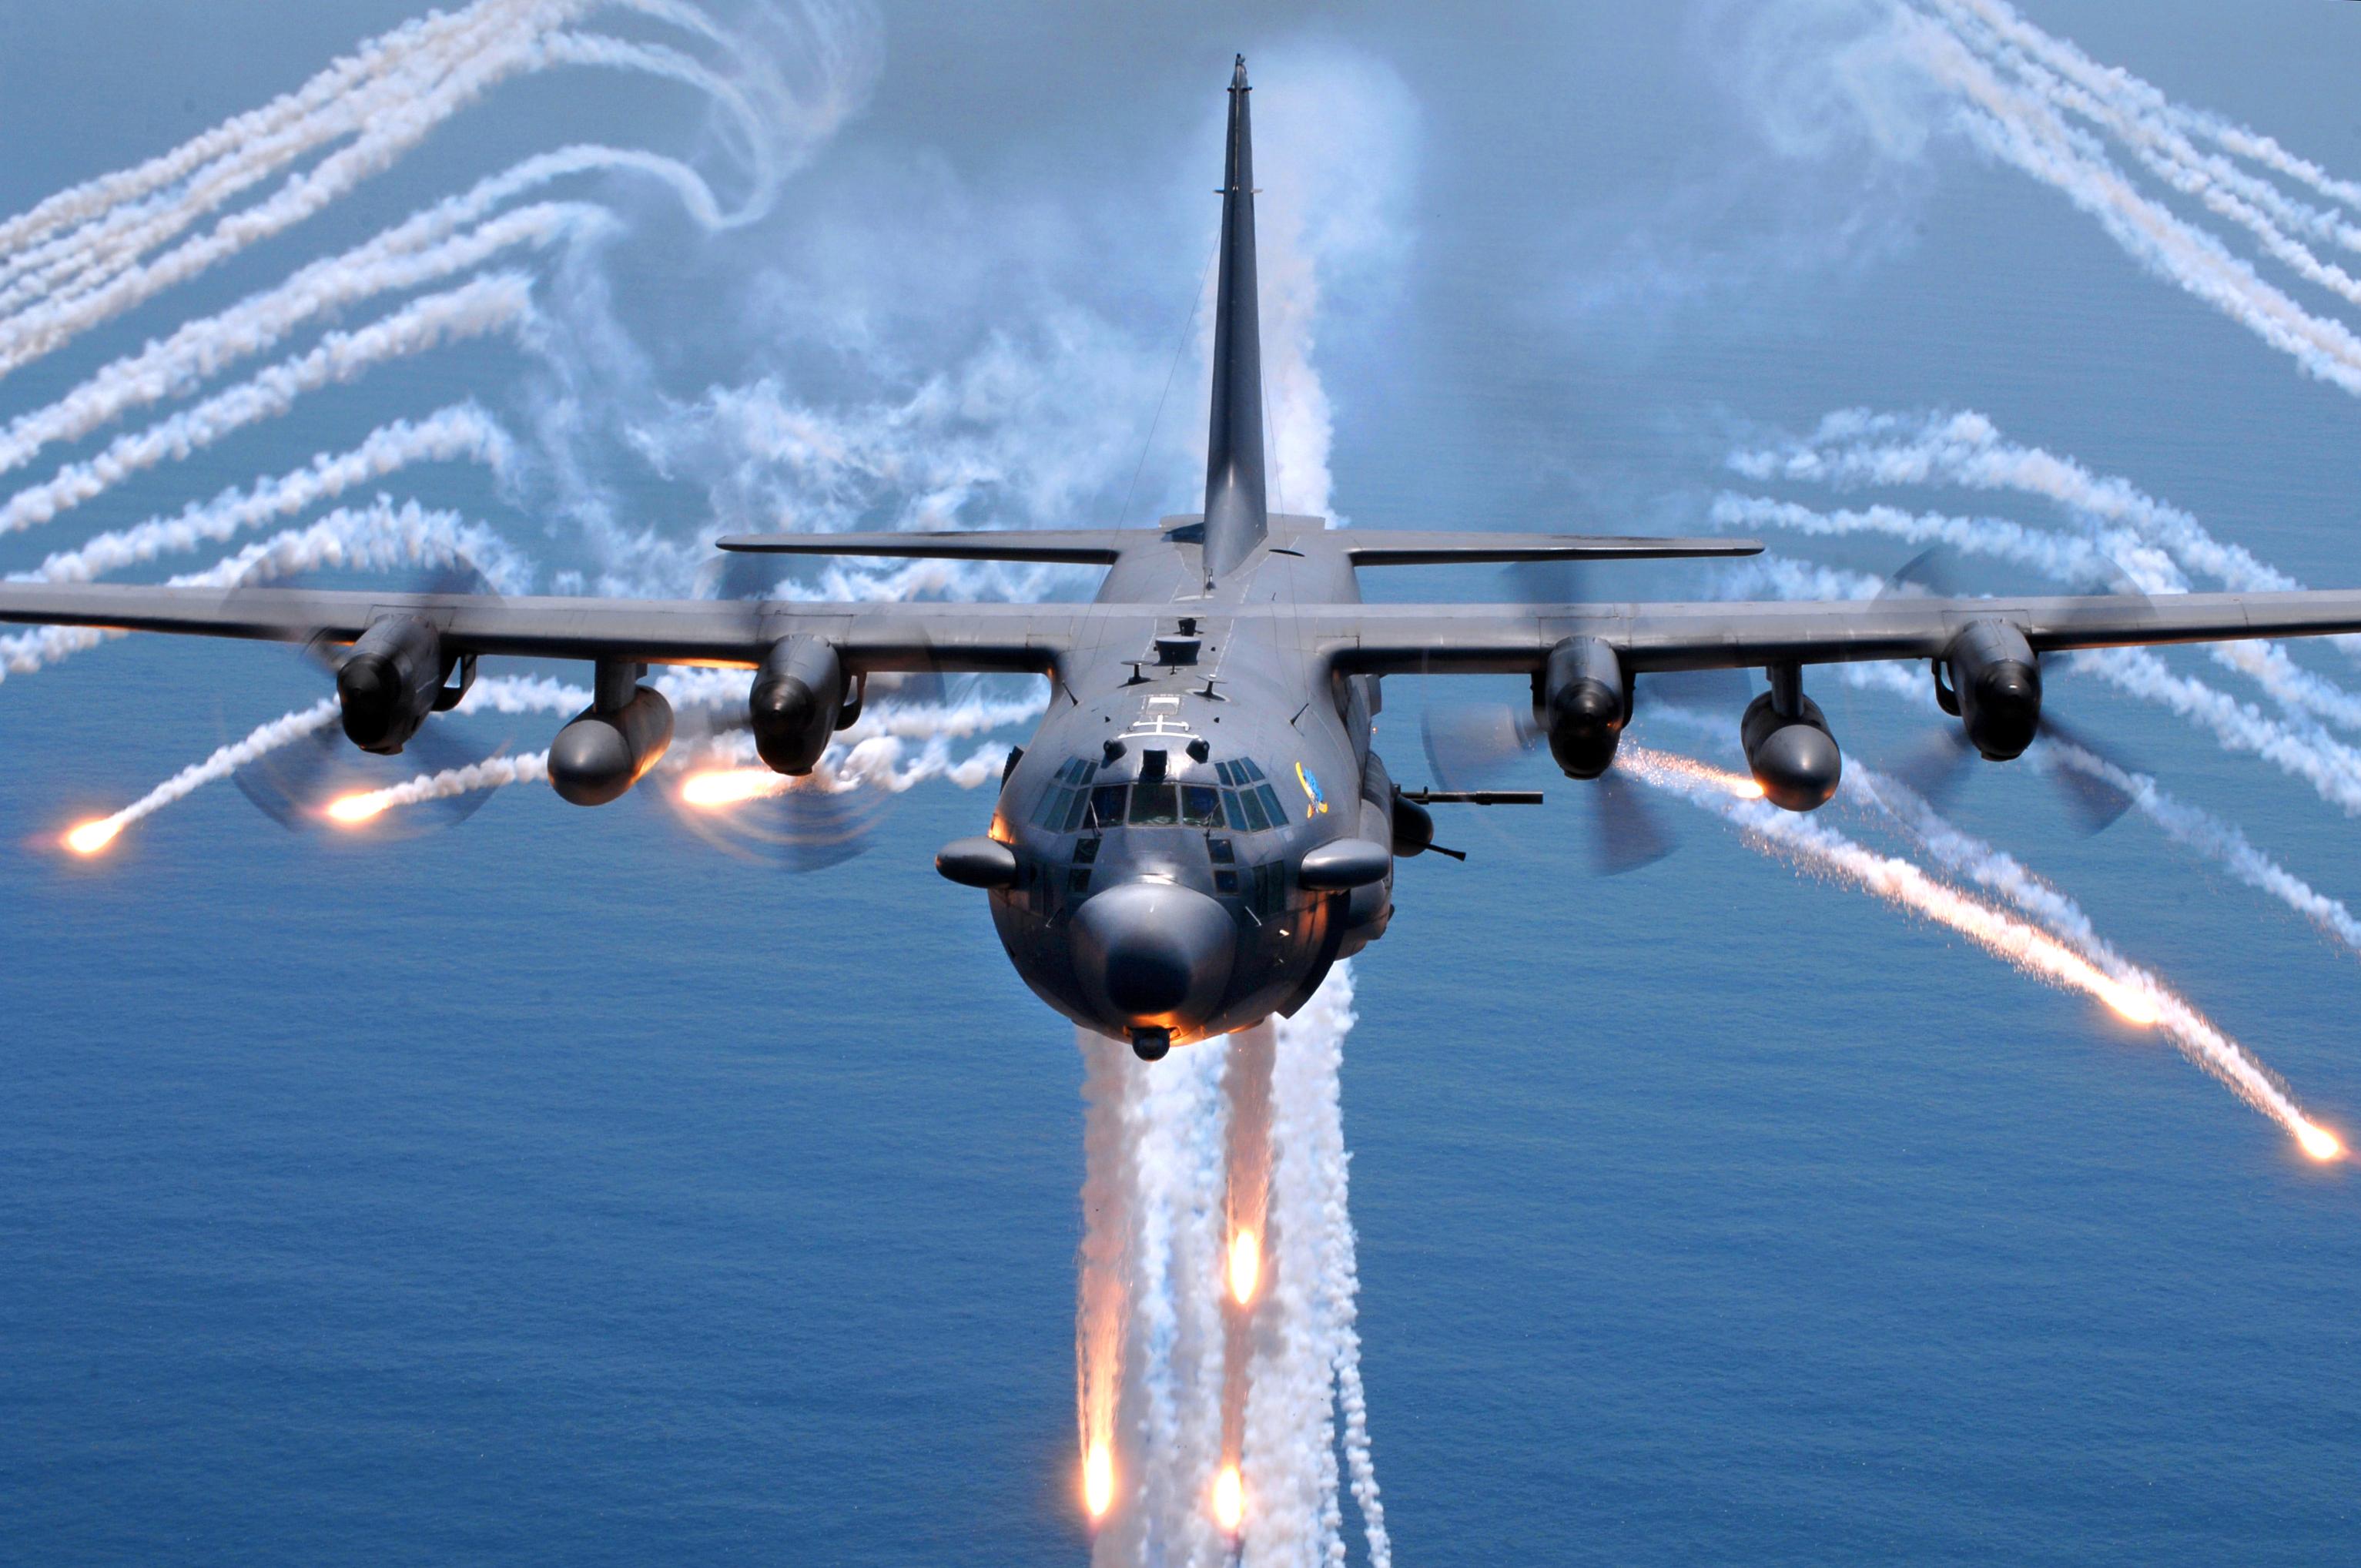 إذا كان الروس اقوي  U-s-air-force-ac-130h-spectre-gunship-jettisons-decoy-flares